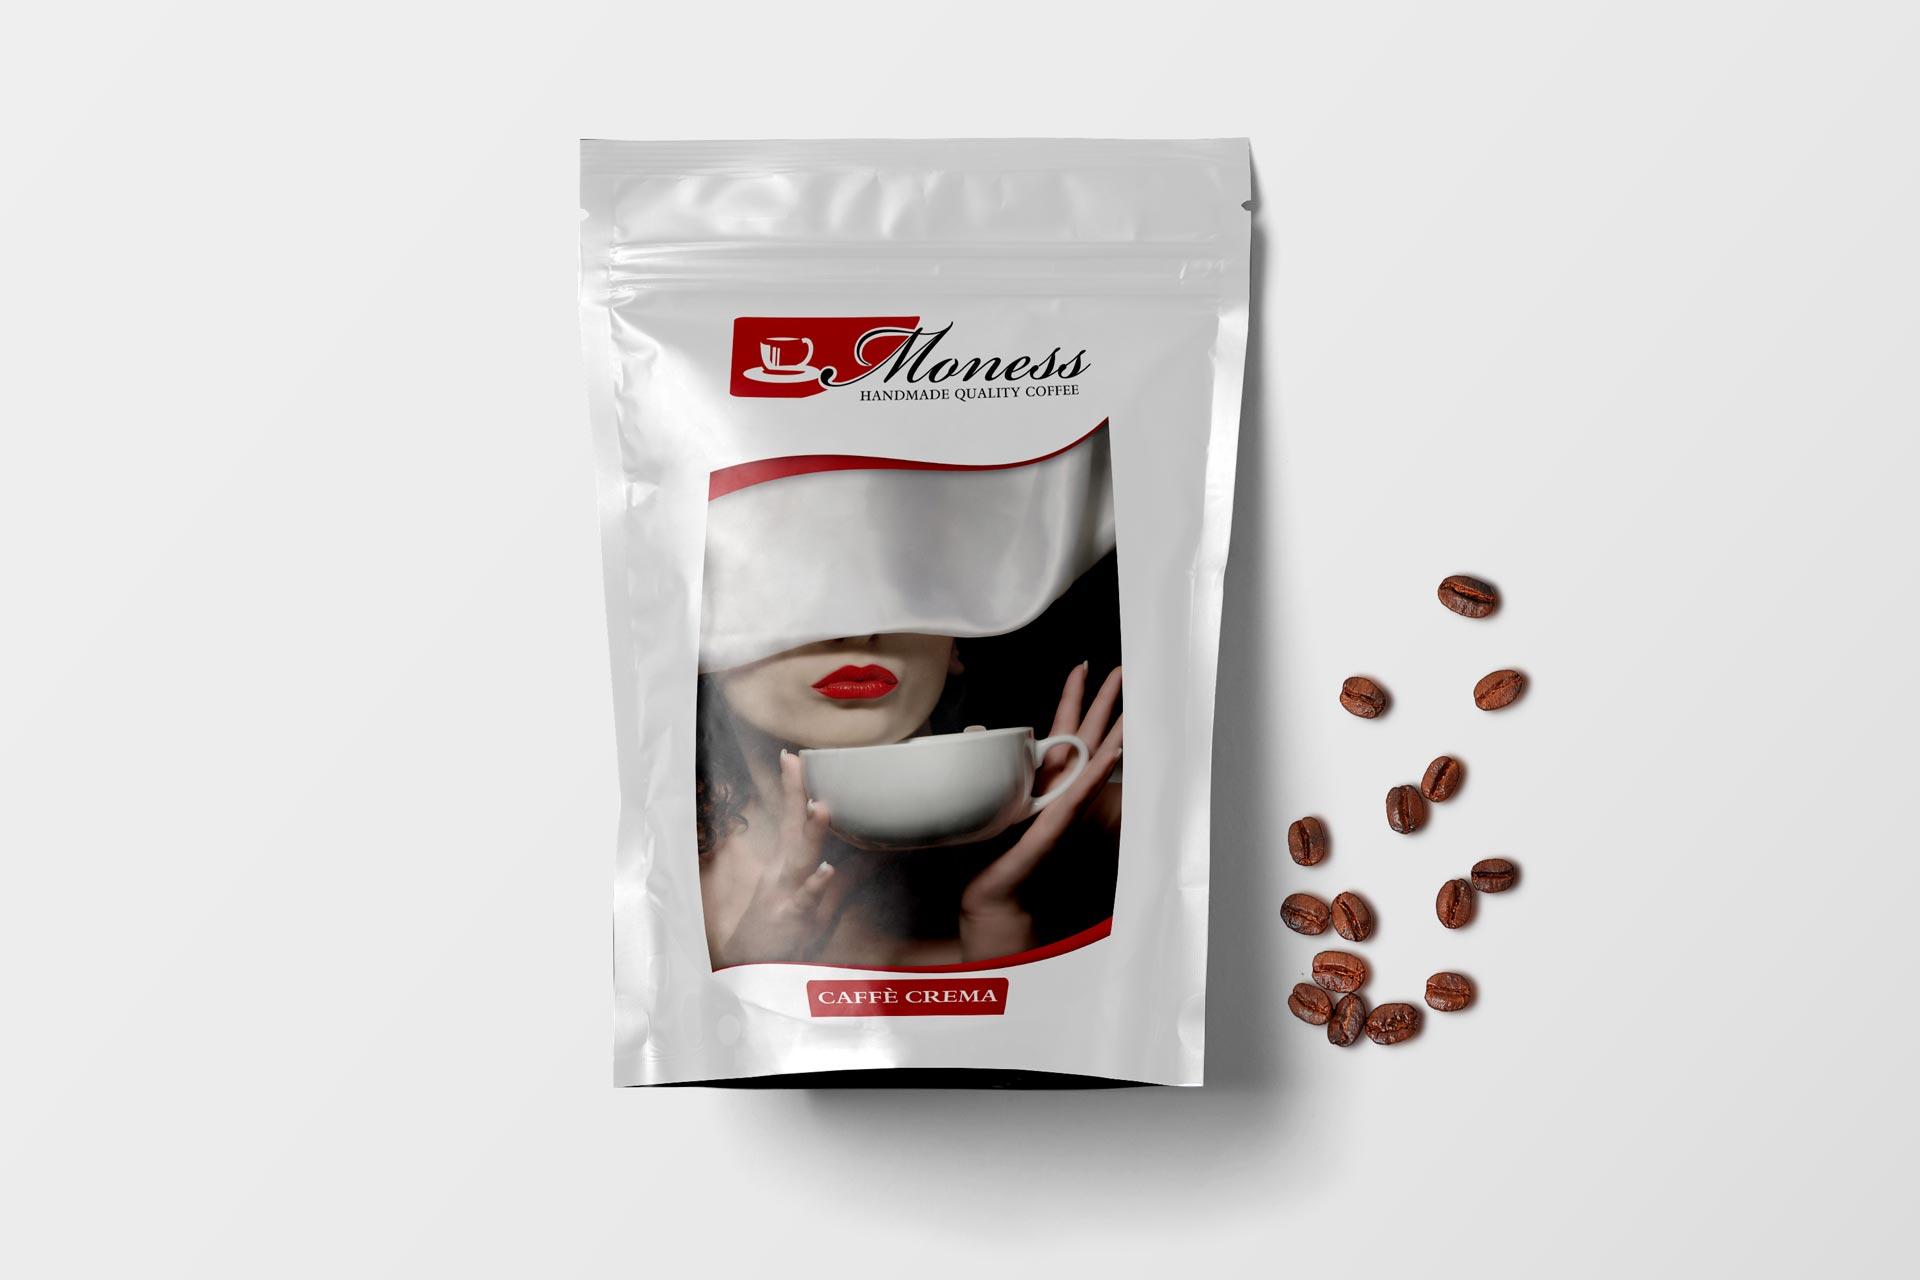 Kaffee-Tüte der Moness Kaffeerösterei